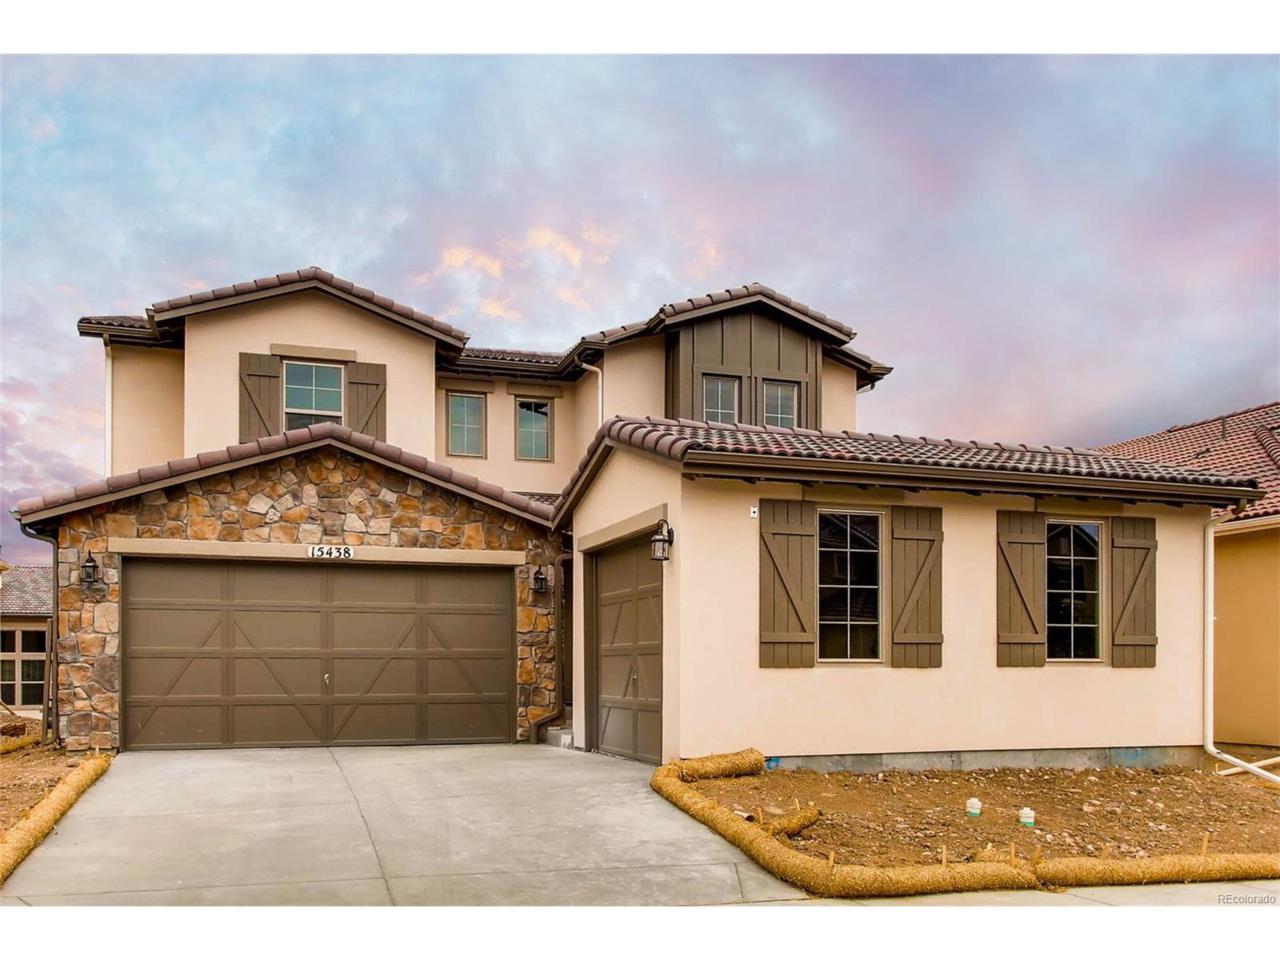 15438 W Baltic Avenue, Lakewood, CO 80228 (MLS #8969278) :: 8z Real Estate